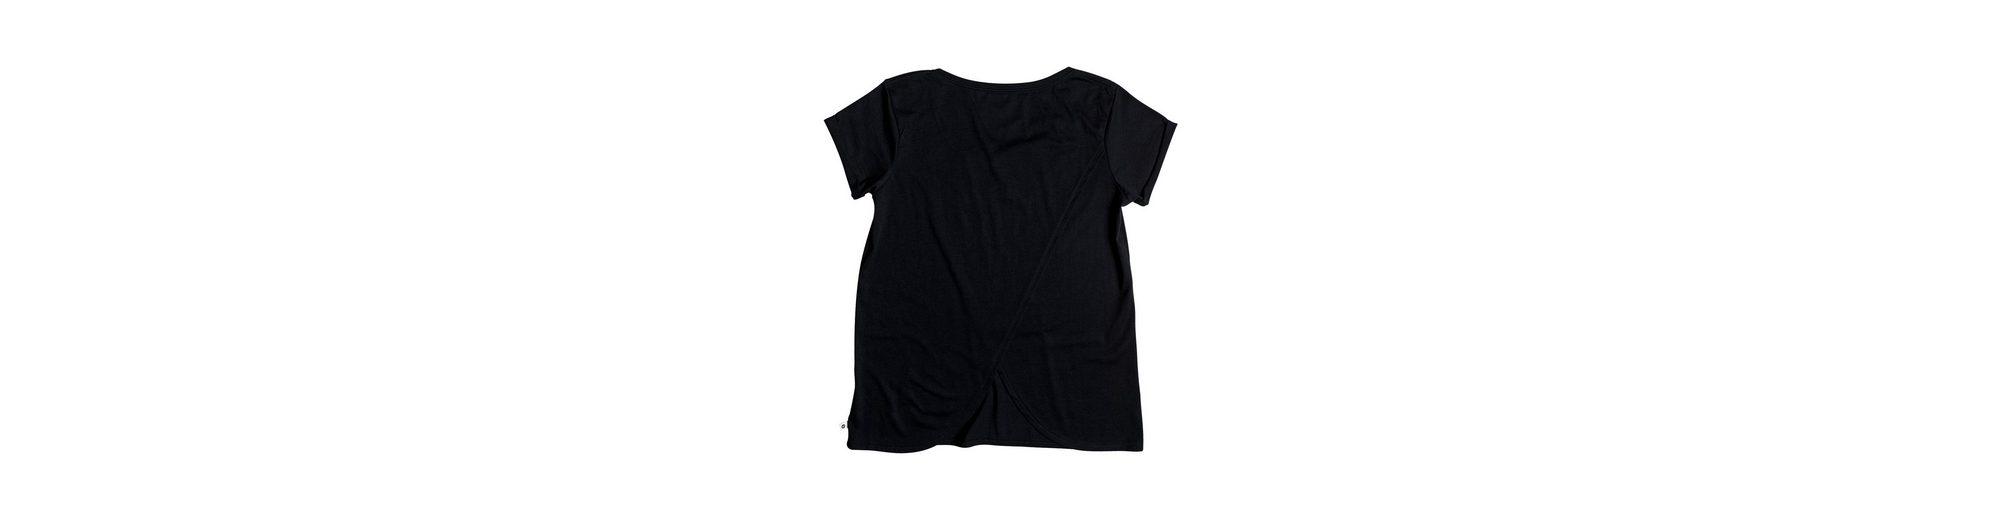 Roxy T-Shirt Mimi Jungle Jungly Flower Auslass Klassisch Limitierte Auflage Günstig Kaufen Niedrige Versandkosten ivTbR84